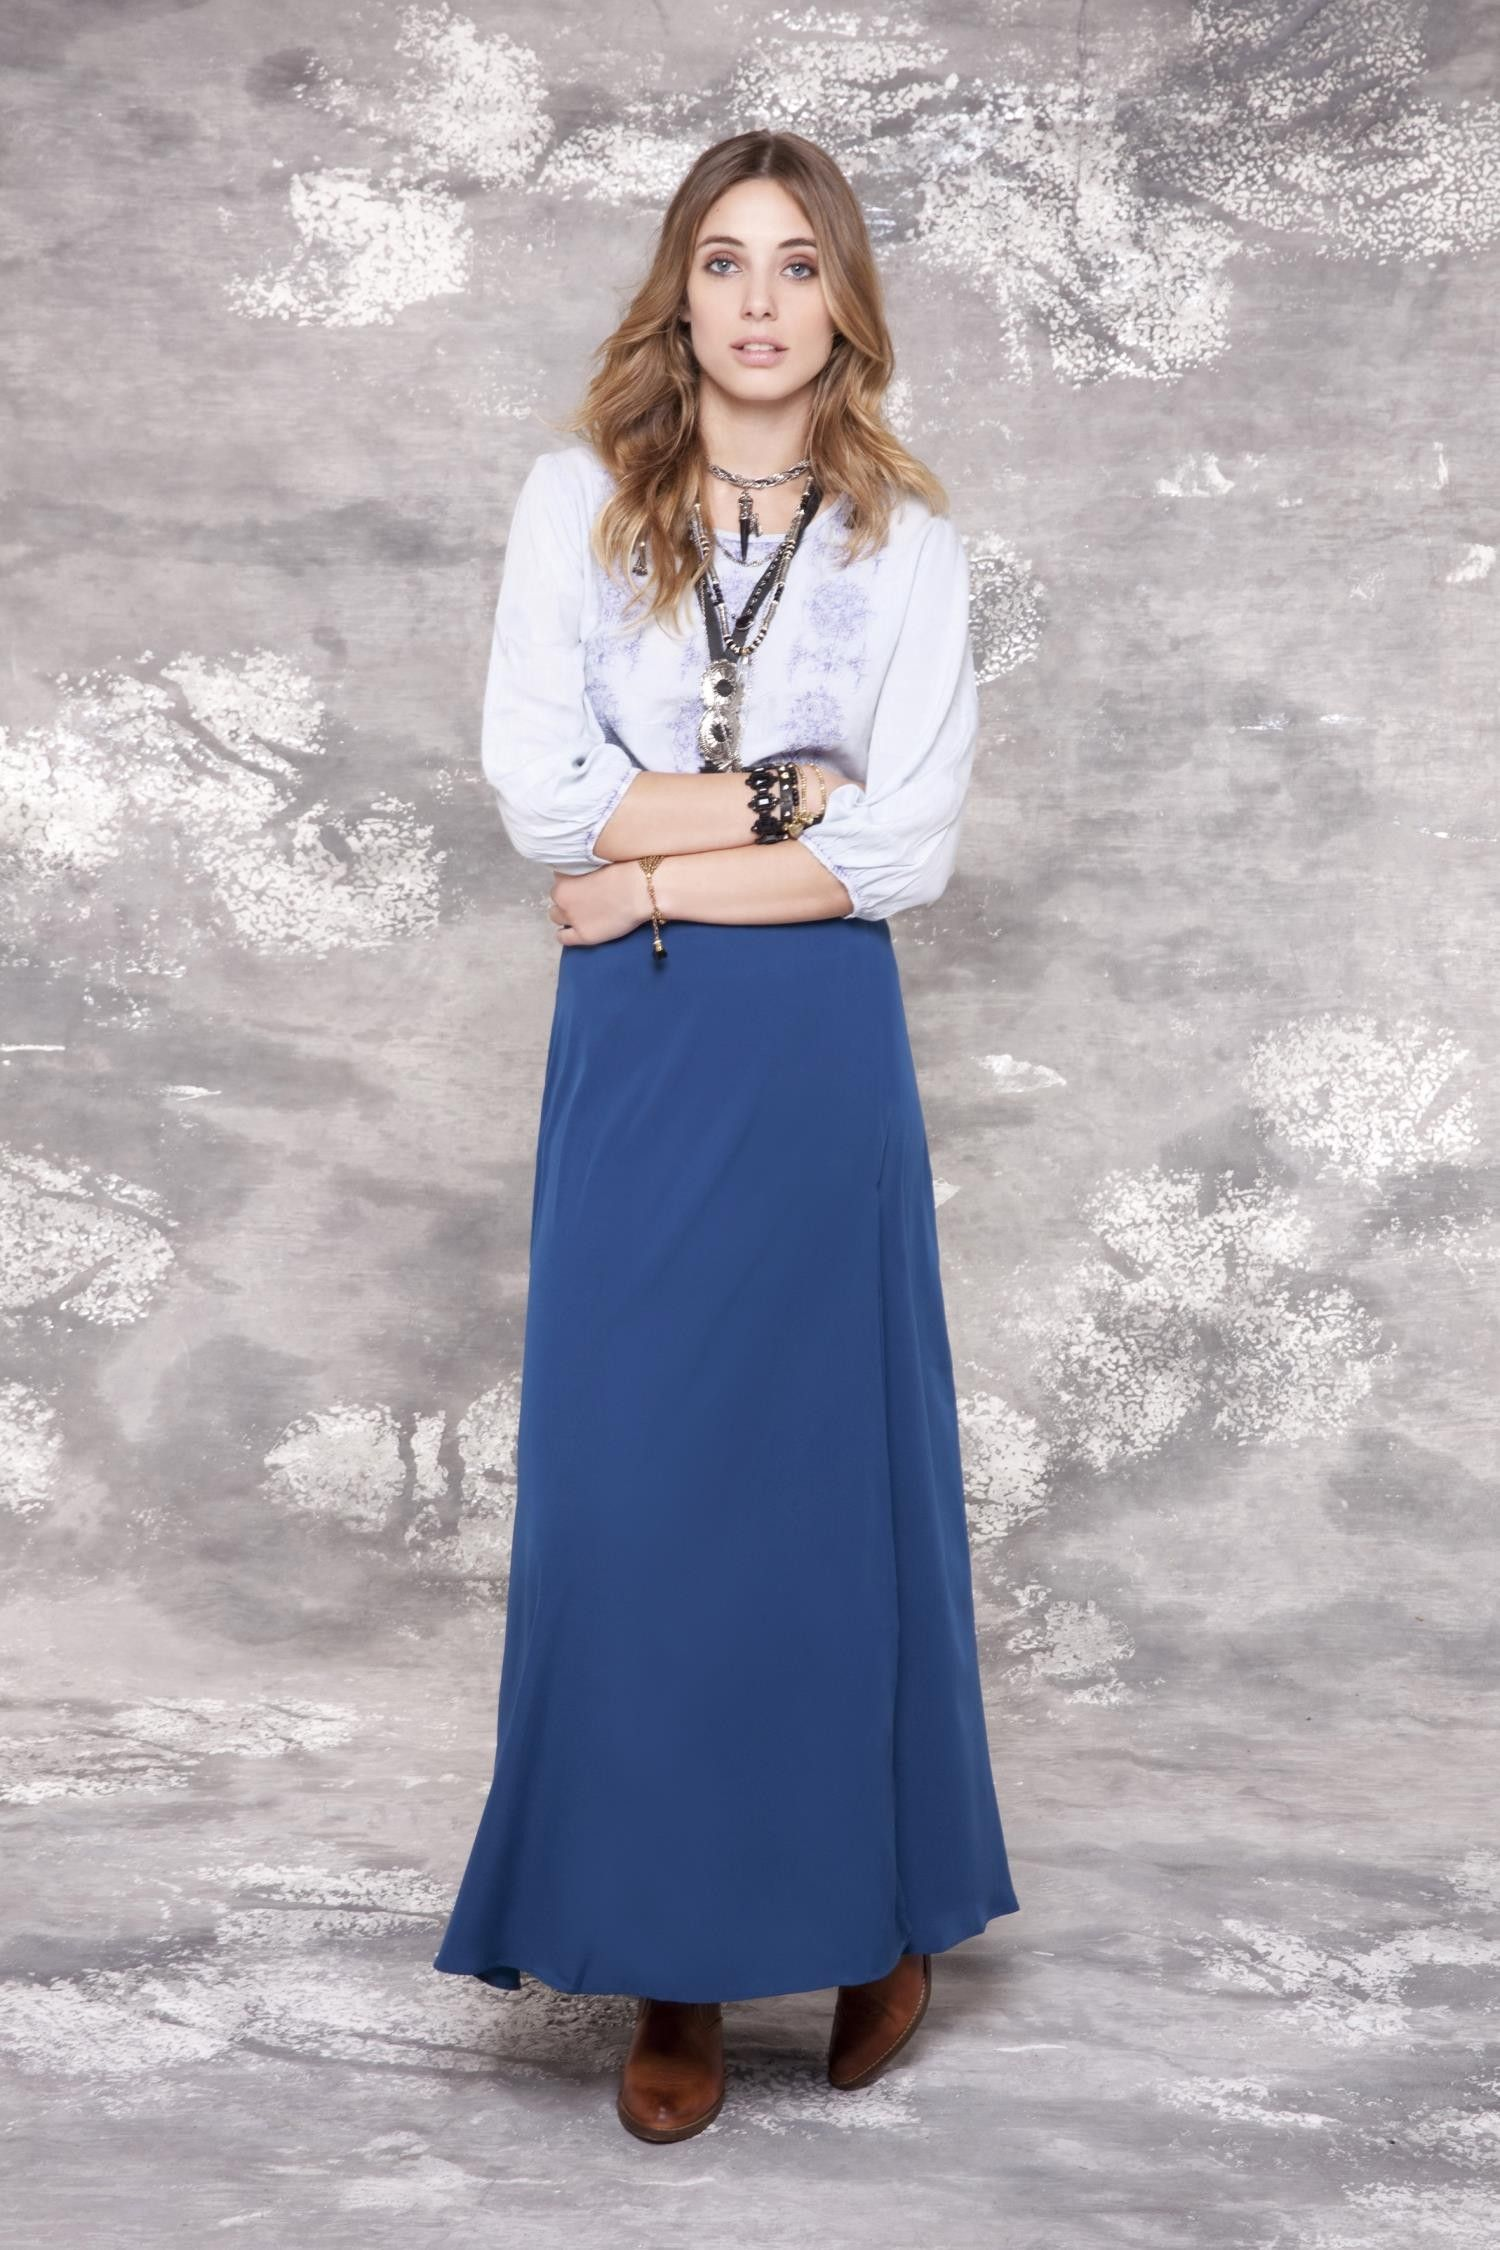 Visitá la nueva colección Invierno 16 en Rapsodia.com > Falda New Minina